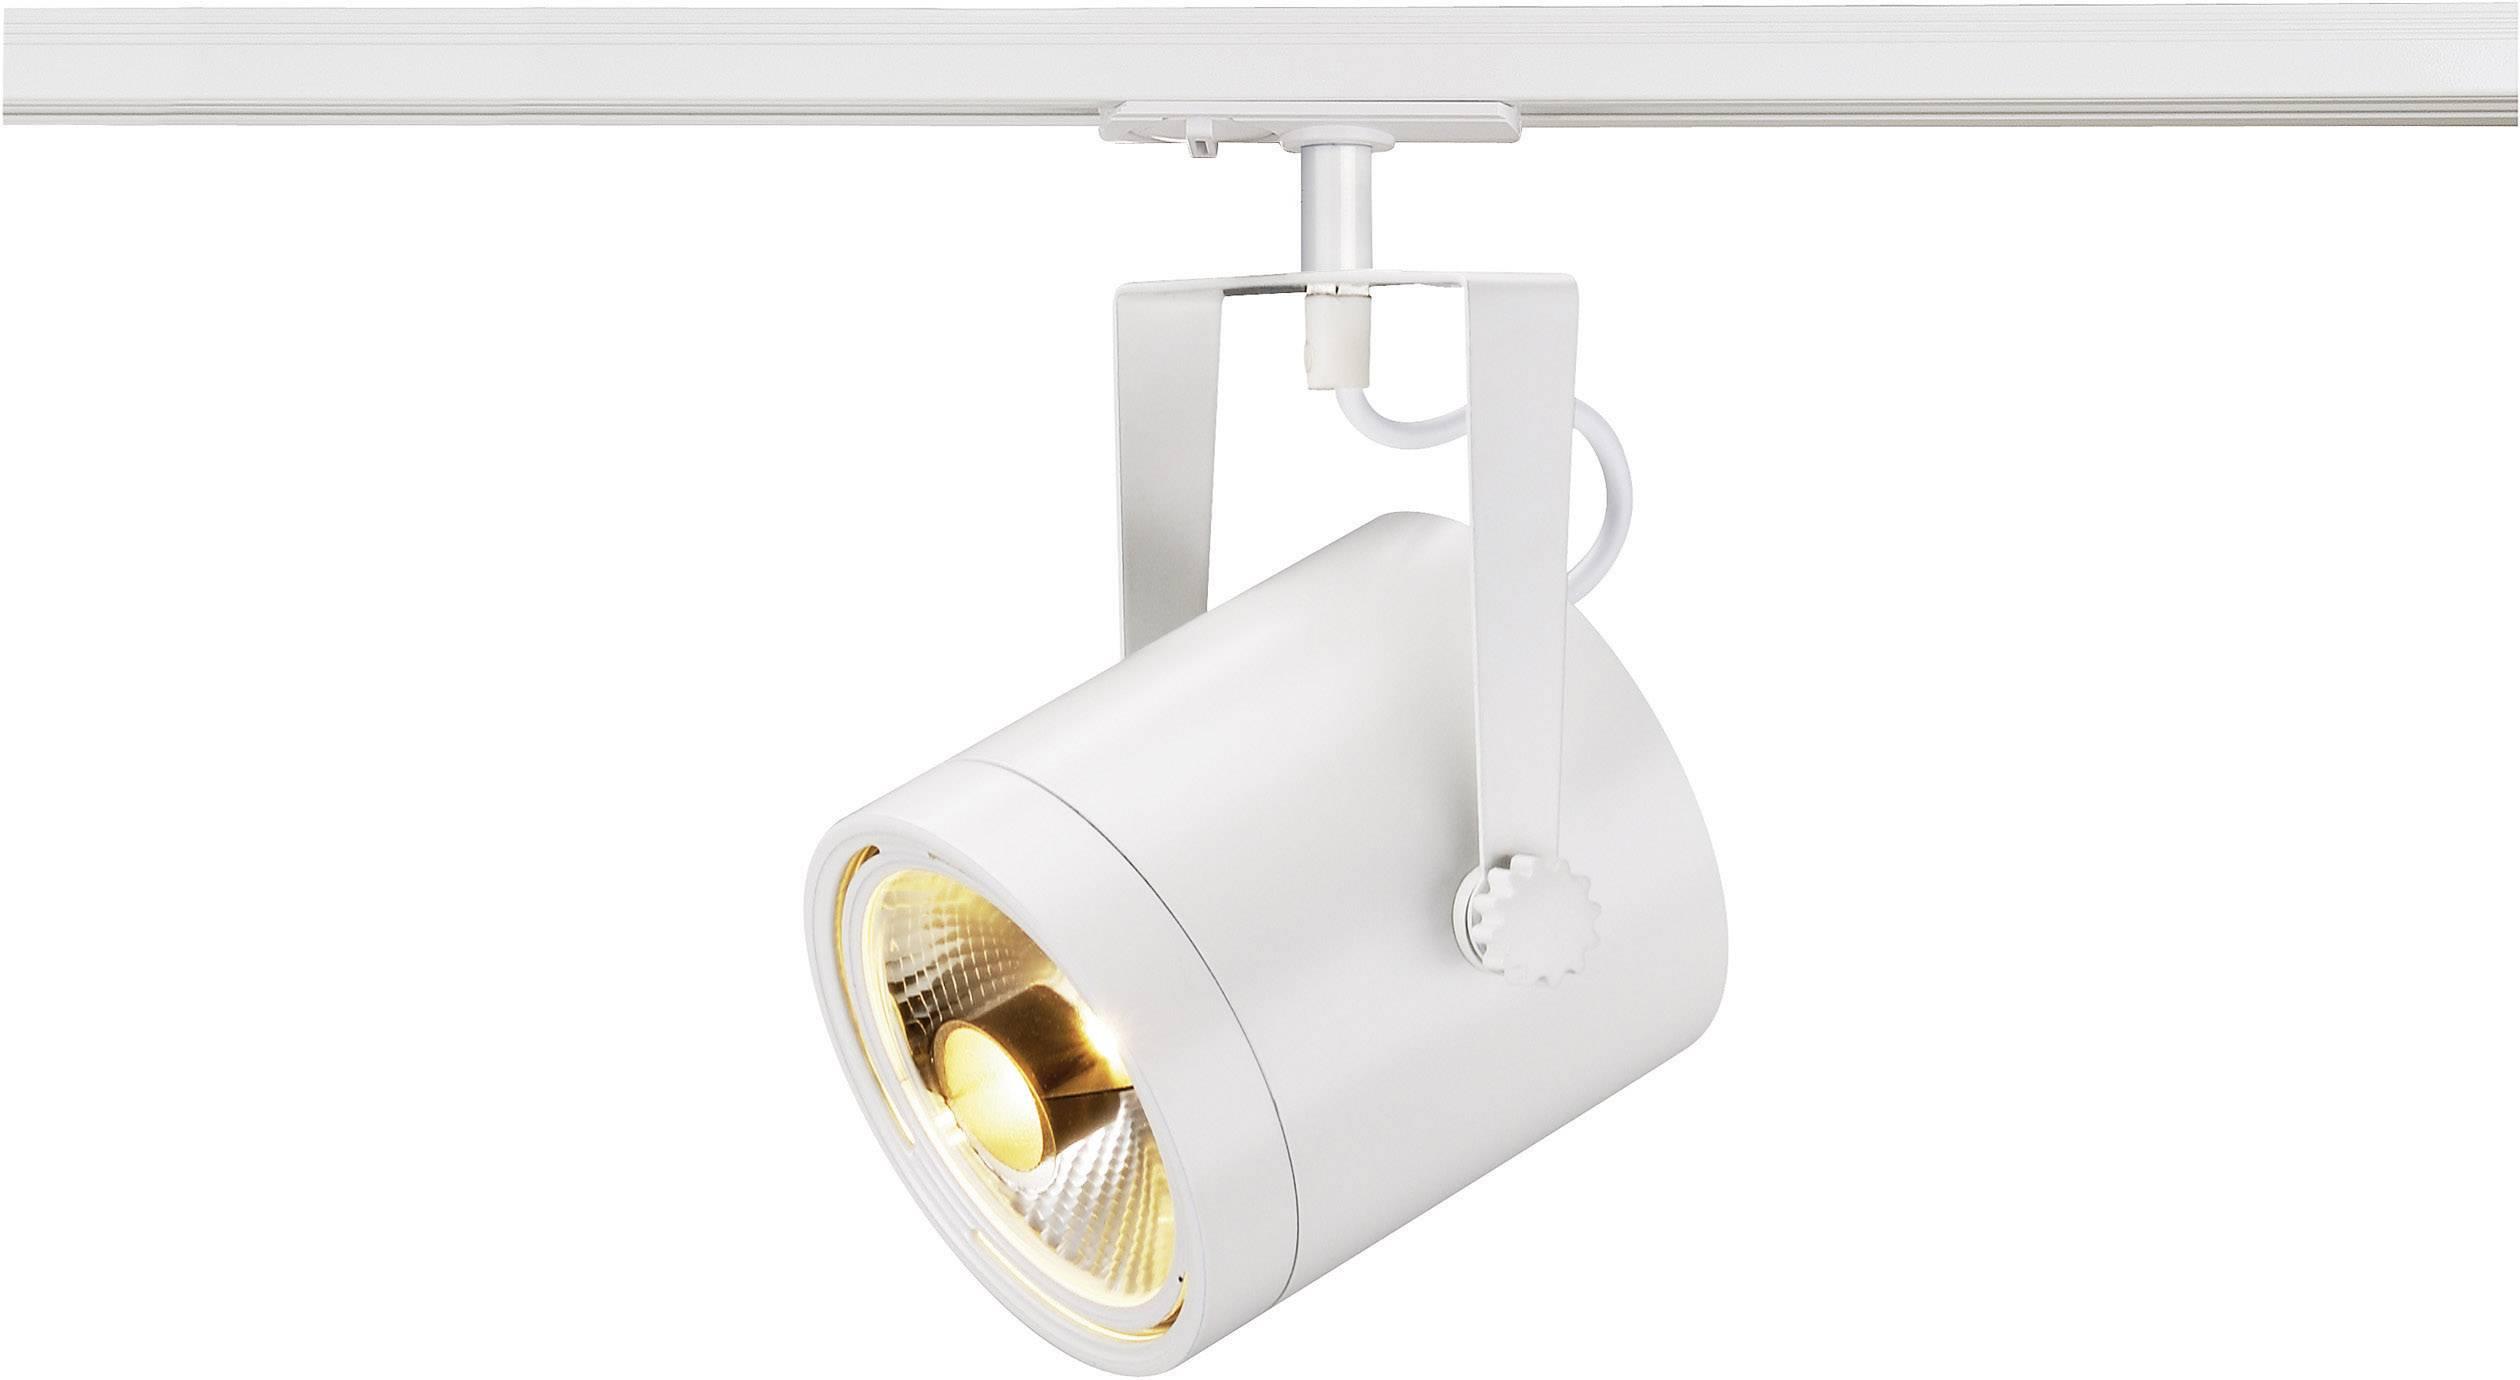 Svítidla do lištových systémů (230 V) - SLV EURO SPOT, GU10, 1fázové, 75 W, bílá